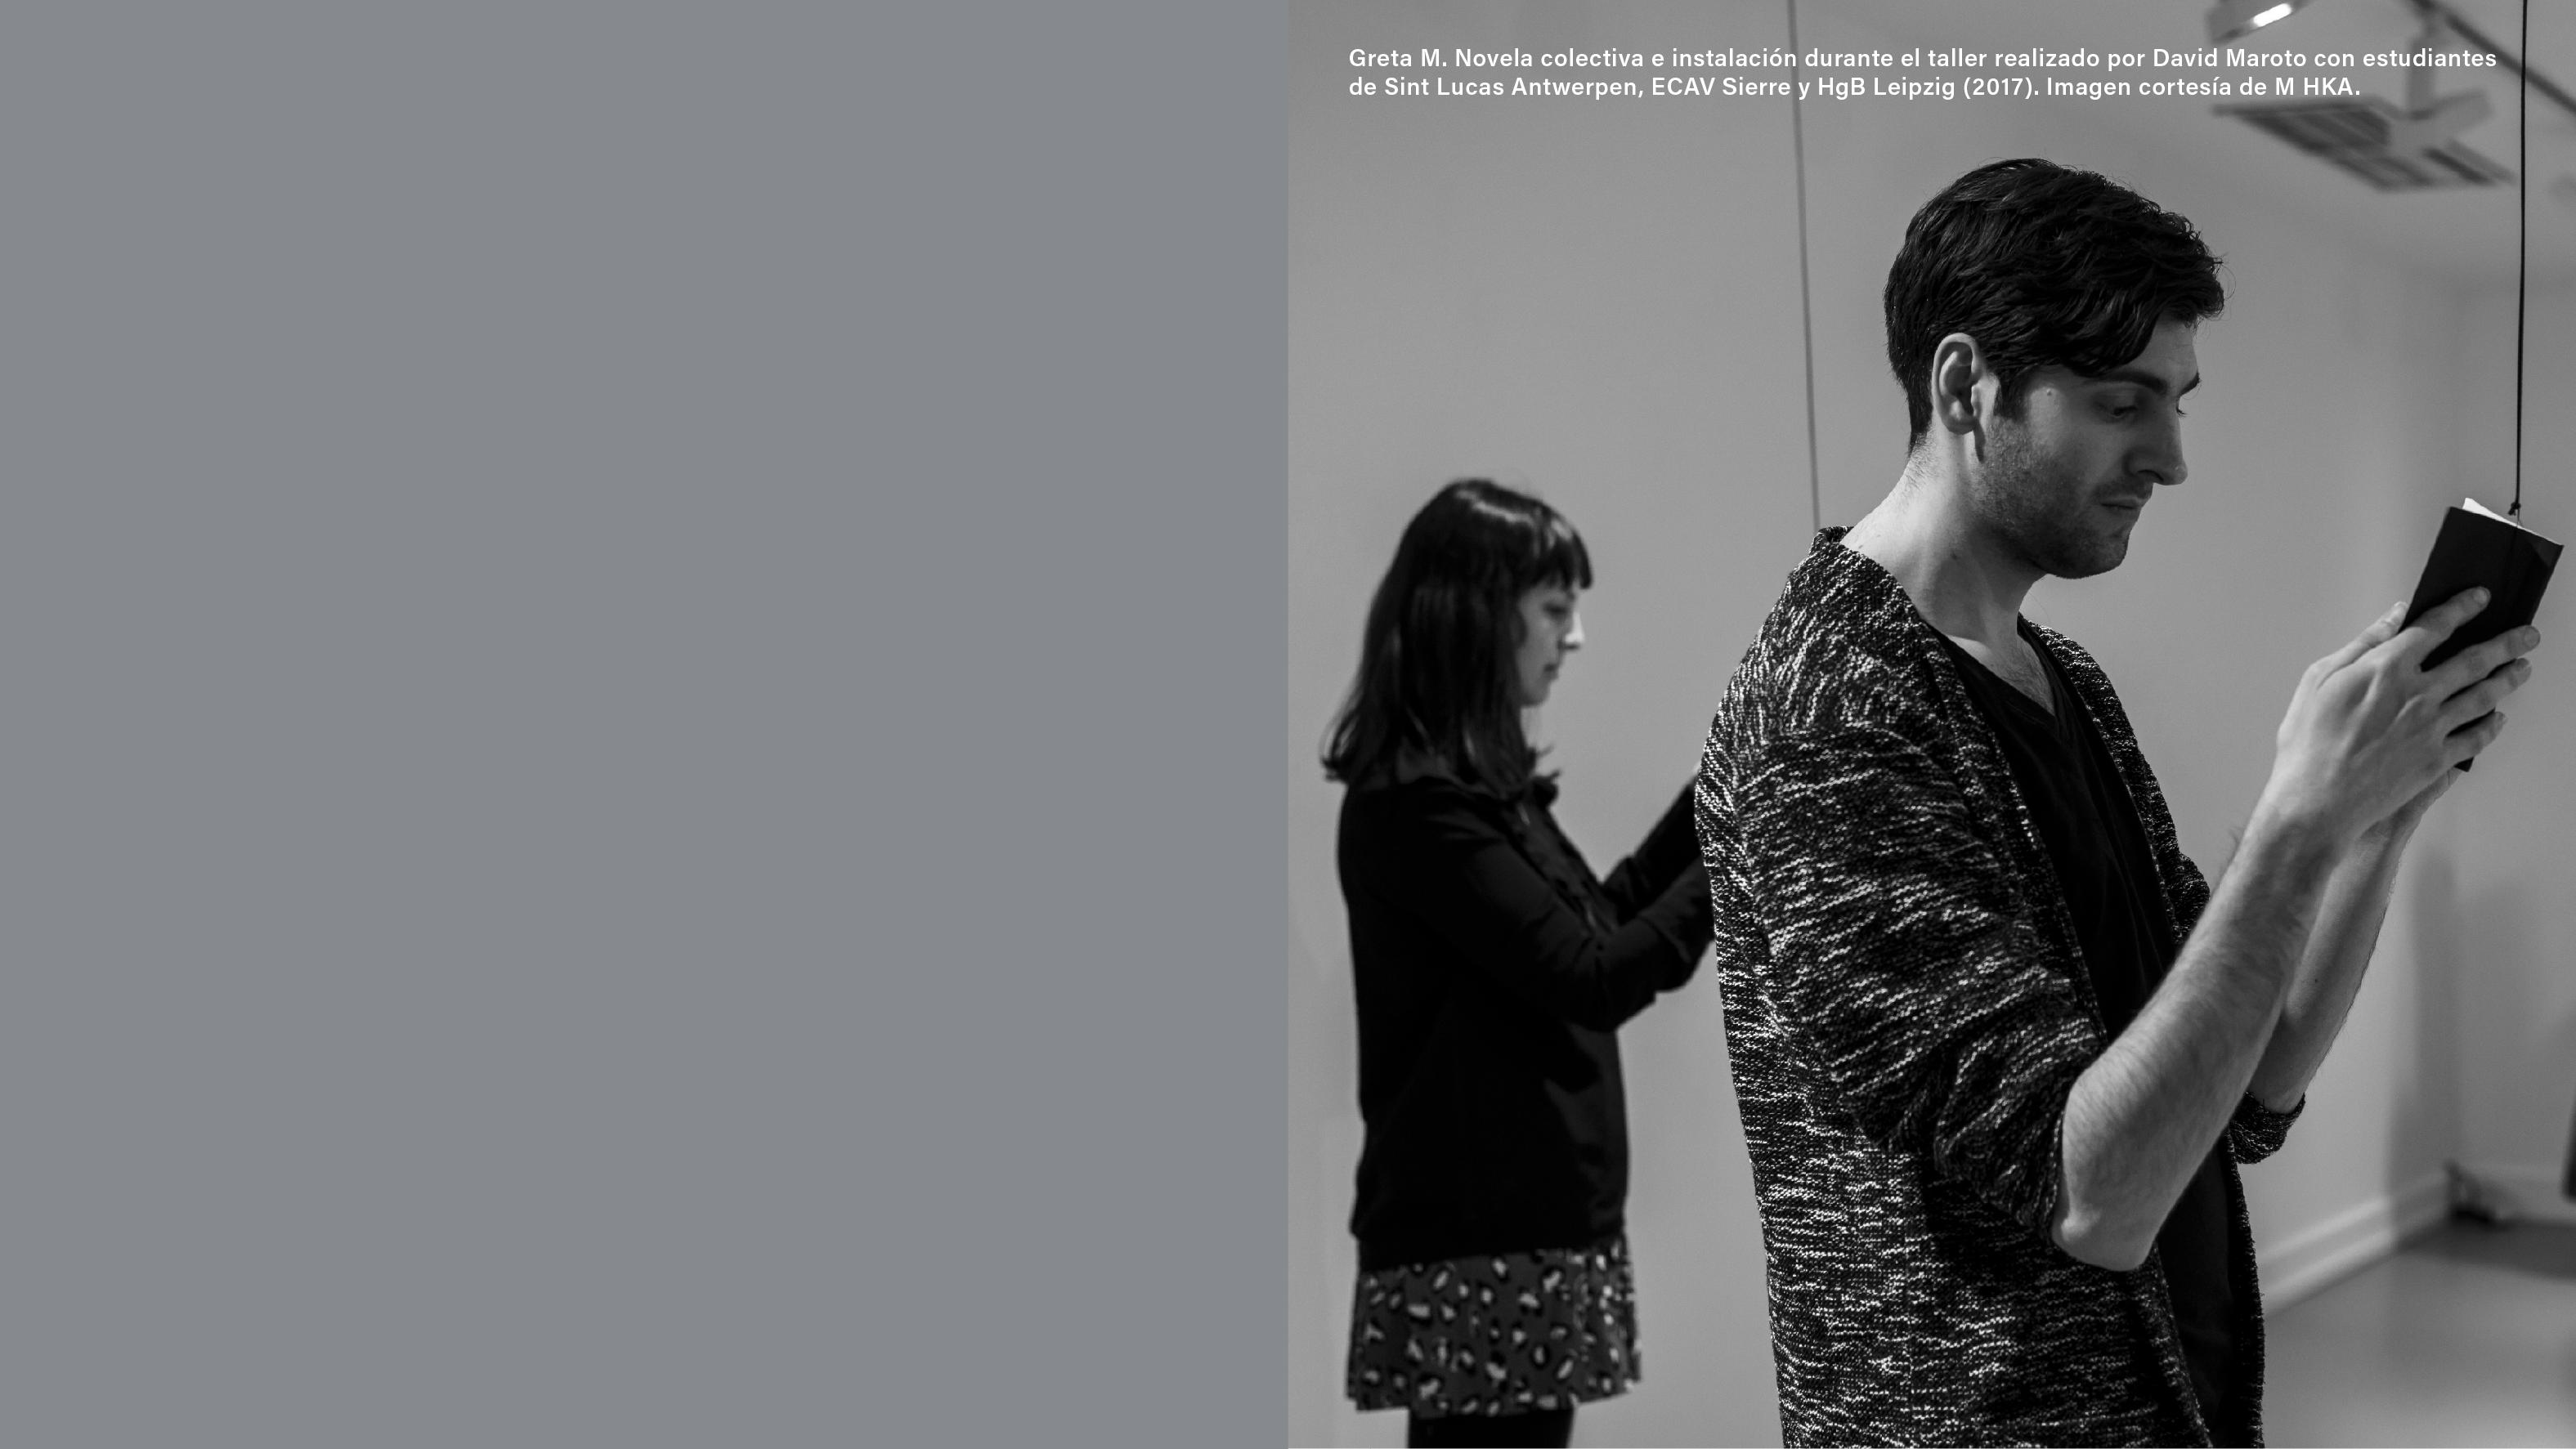 Imagen de portada de Selección Taller novela colectiva «Doble Juego» con David Maroto